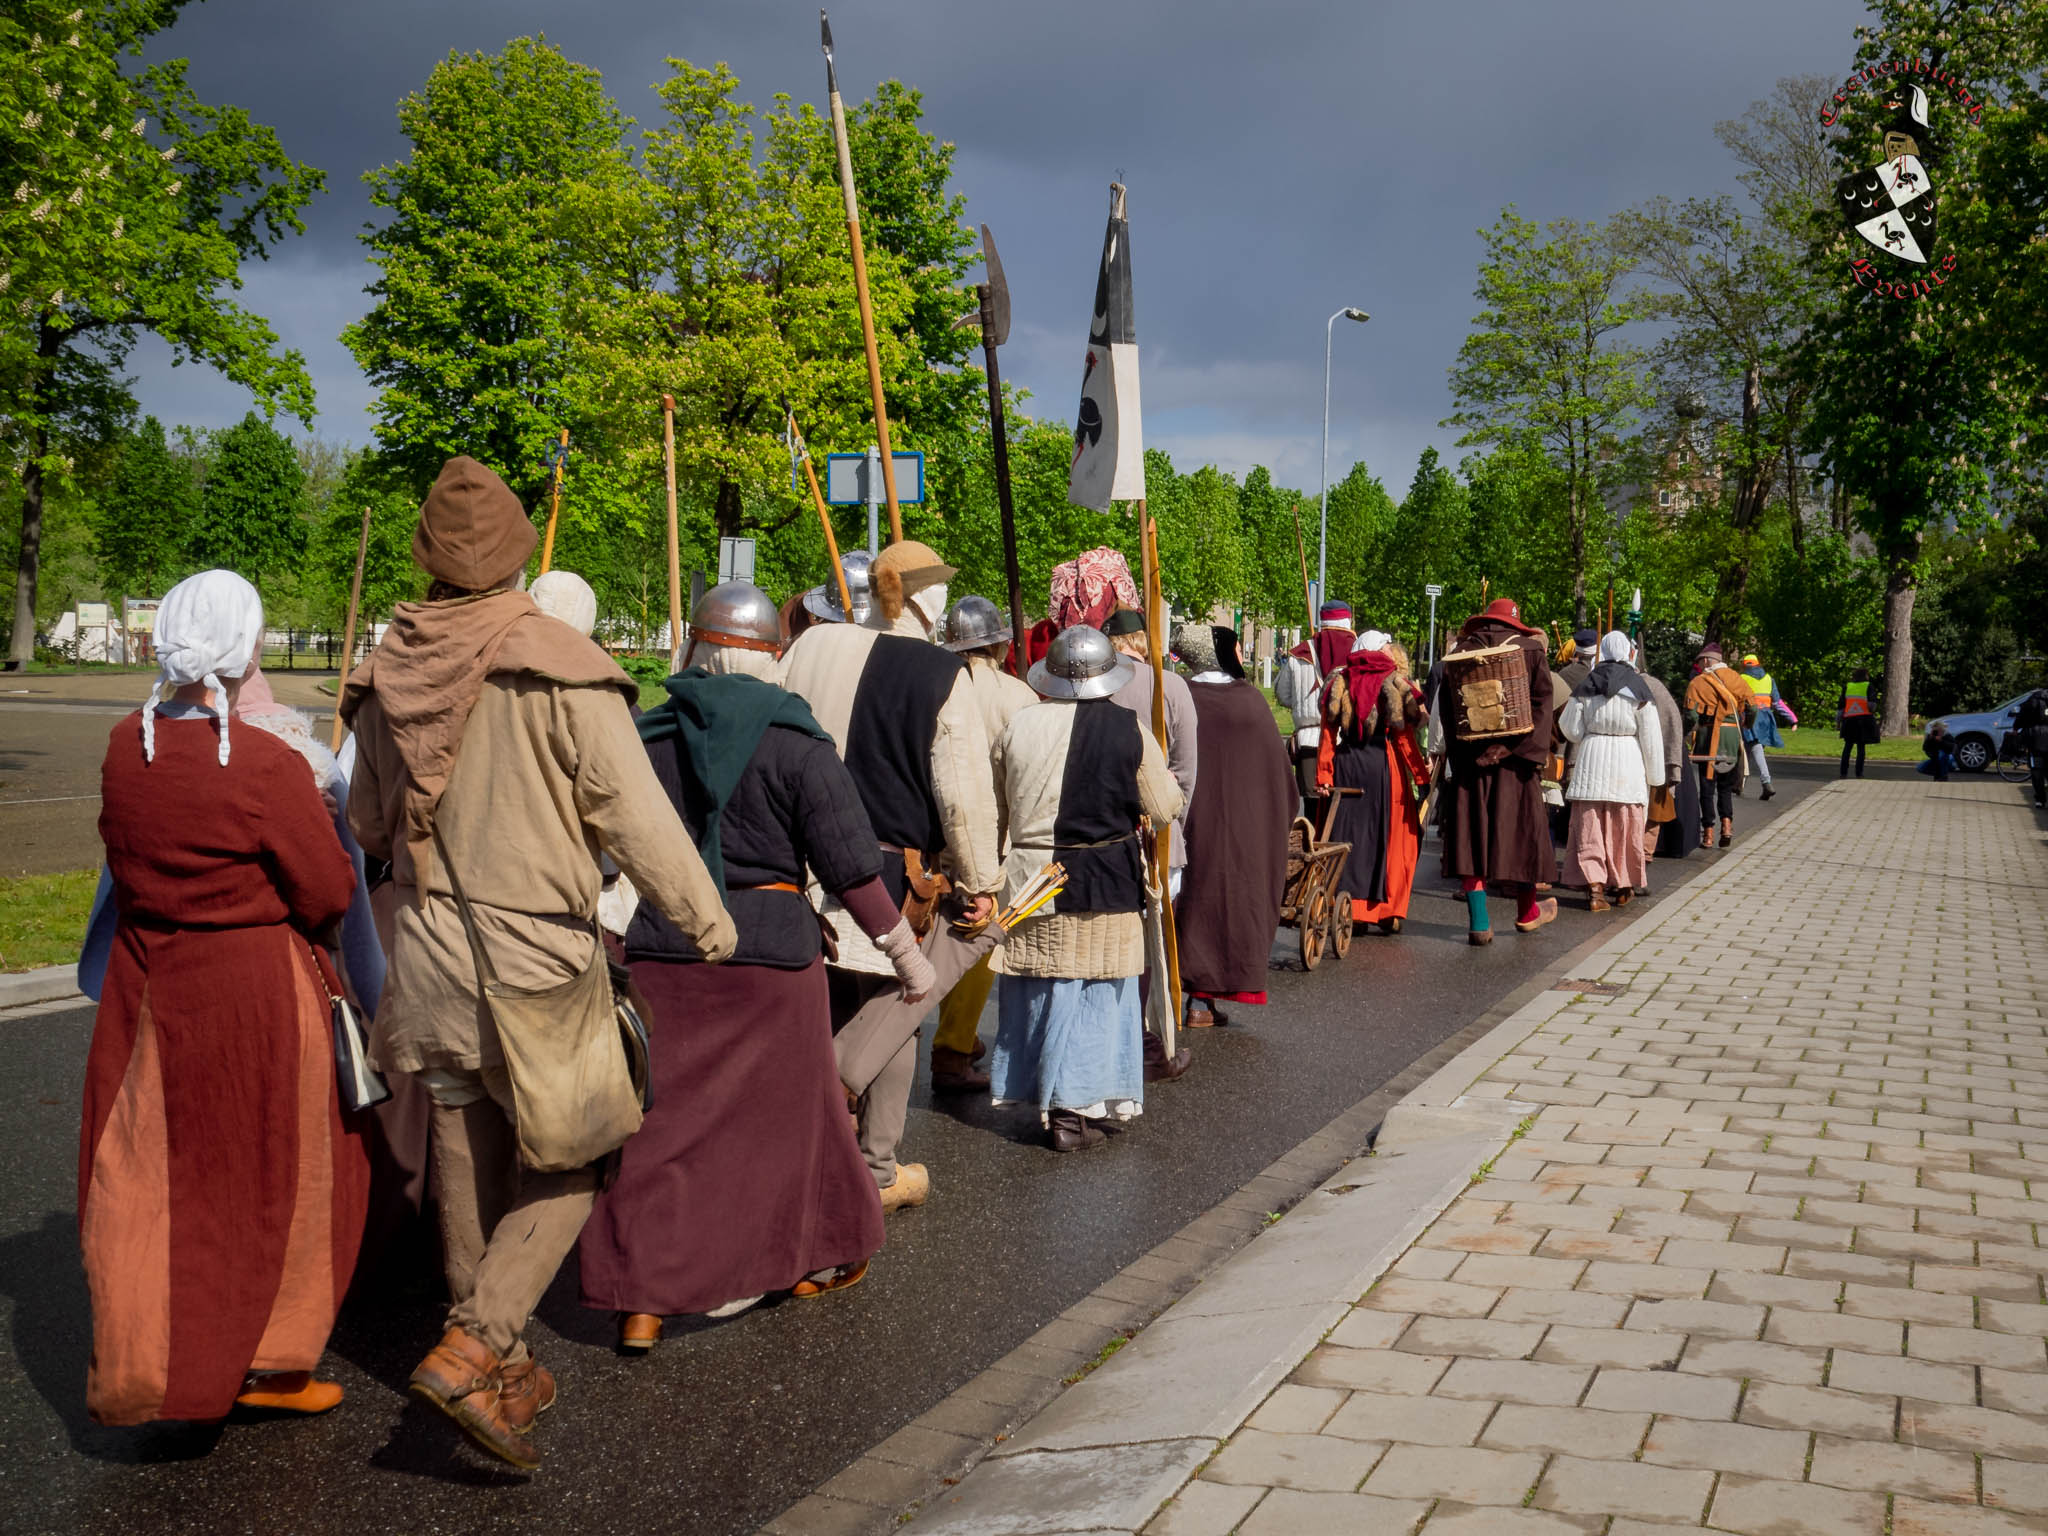 Middeleeuws-Festijn-Cannenburgh-2019-Ellen-la-Faille-11